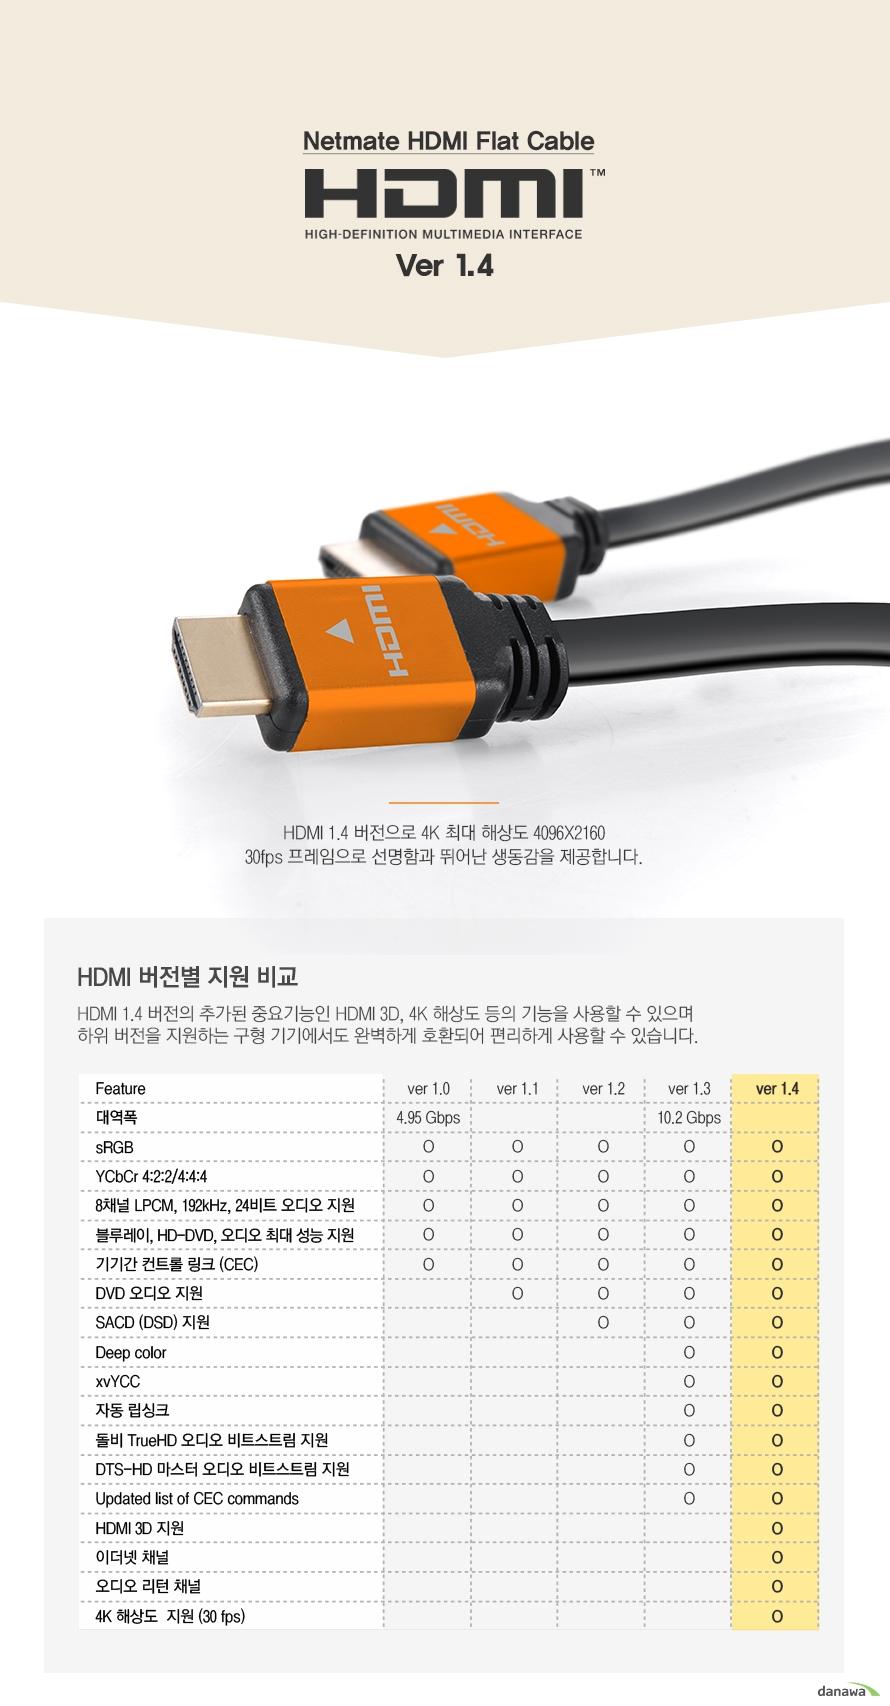 HDMI ver1.4